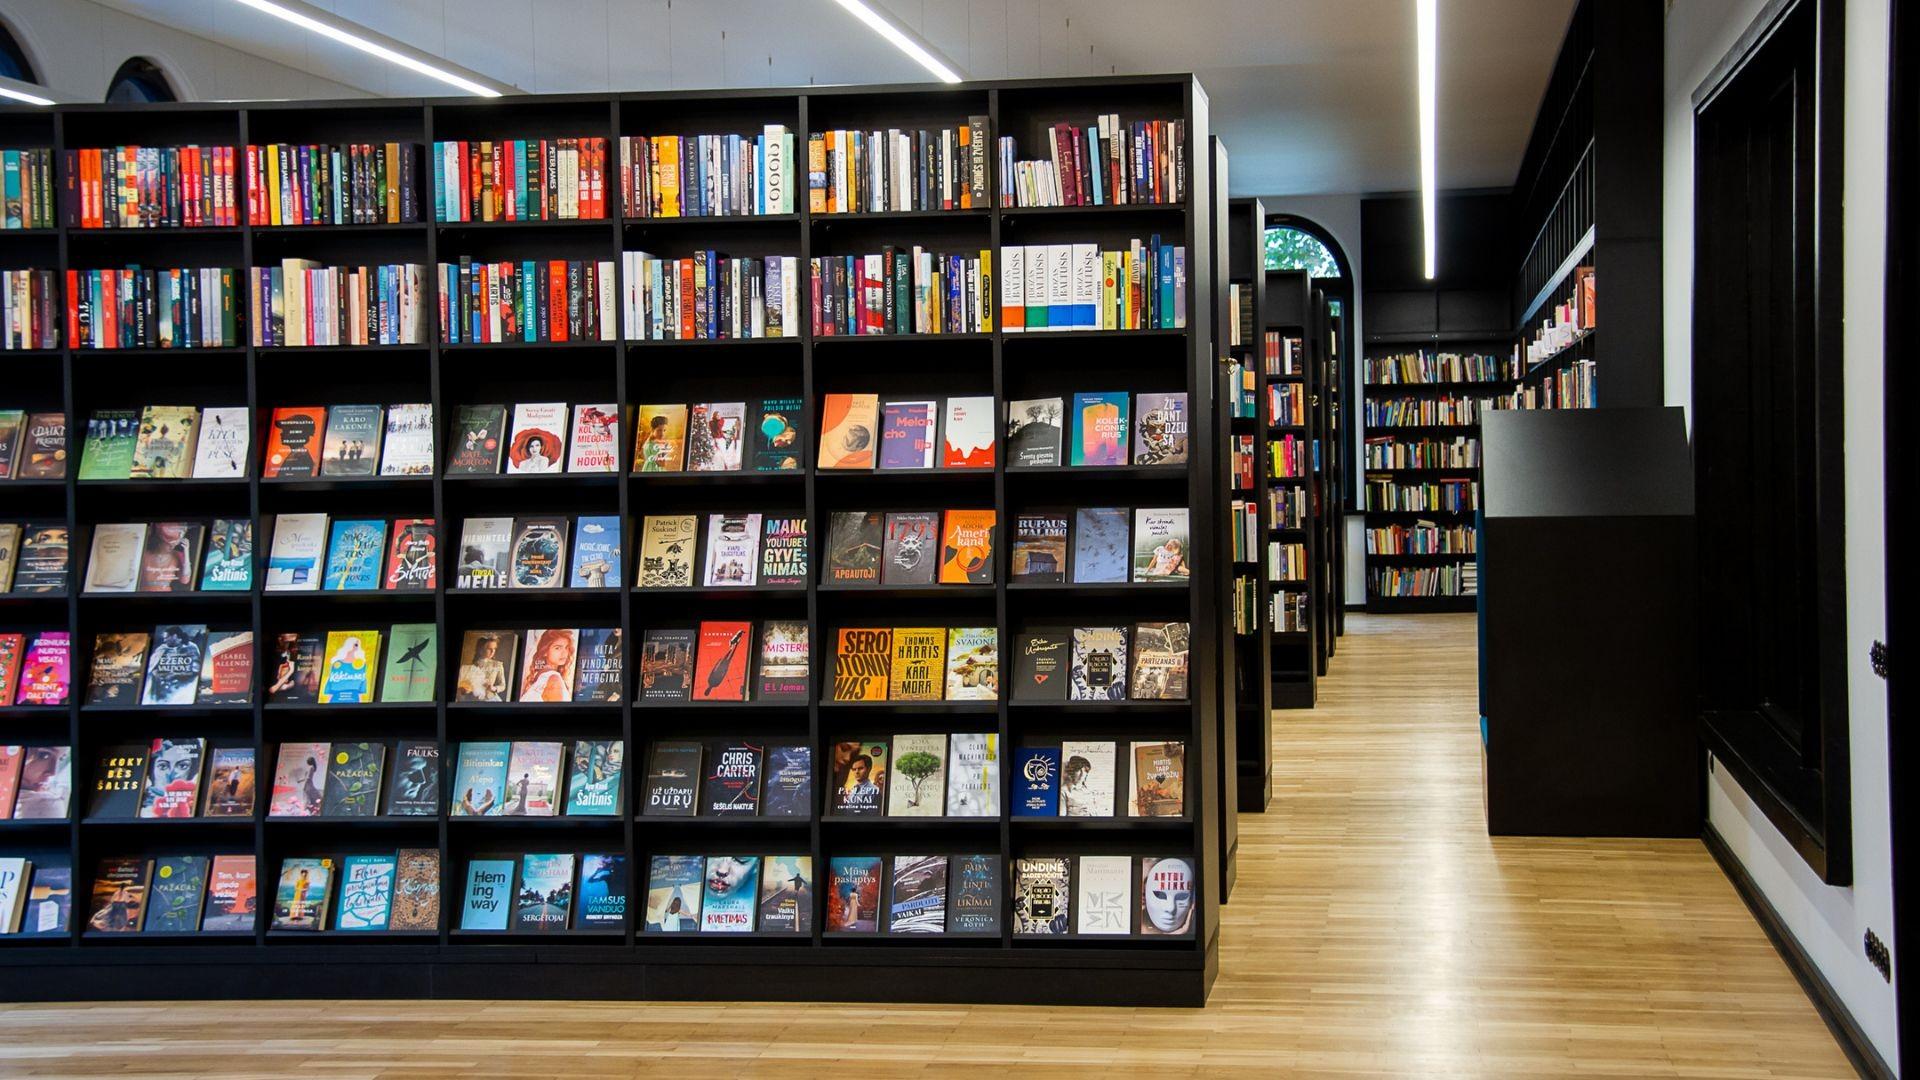 c prekybos rodiklių biblioteka